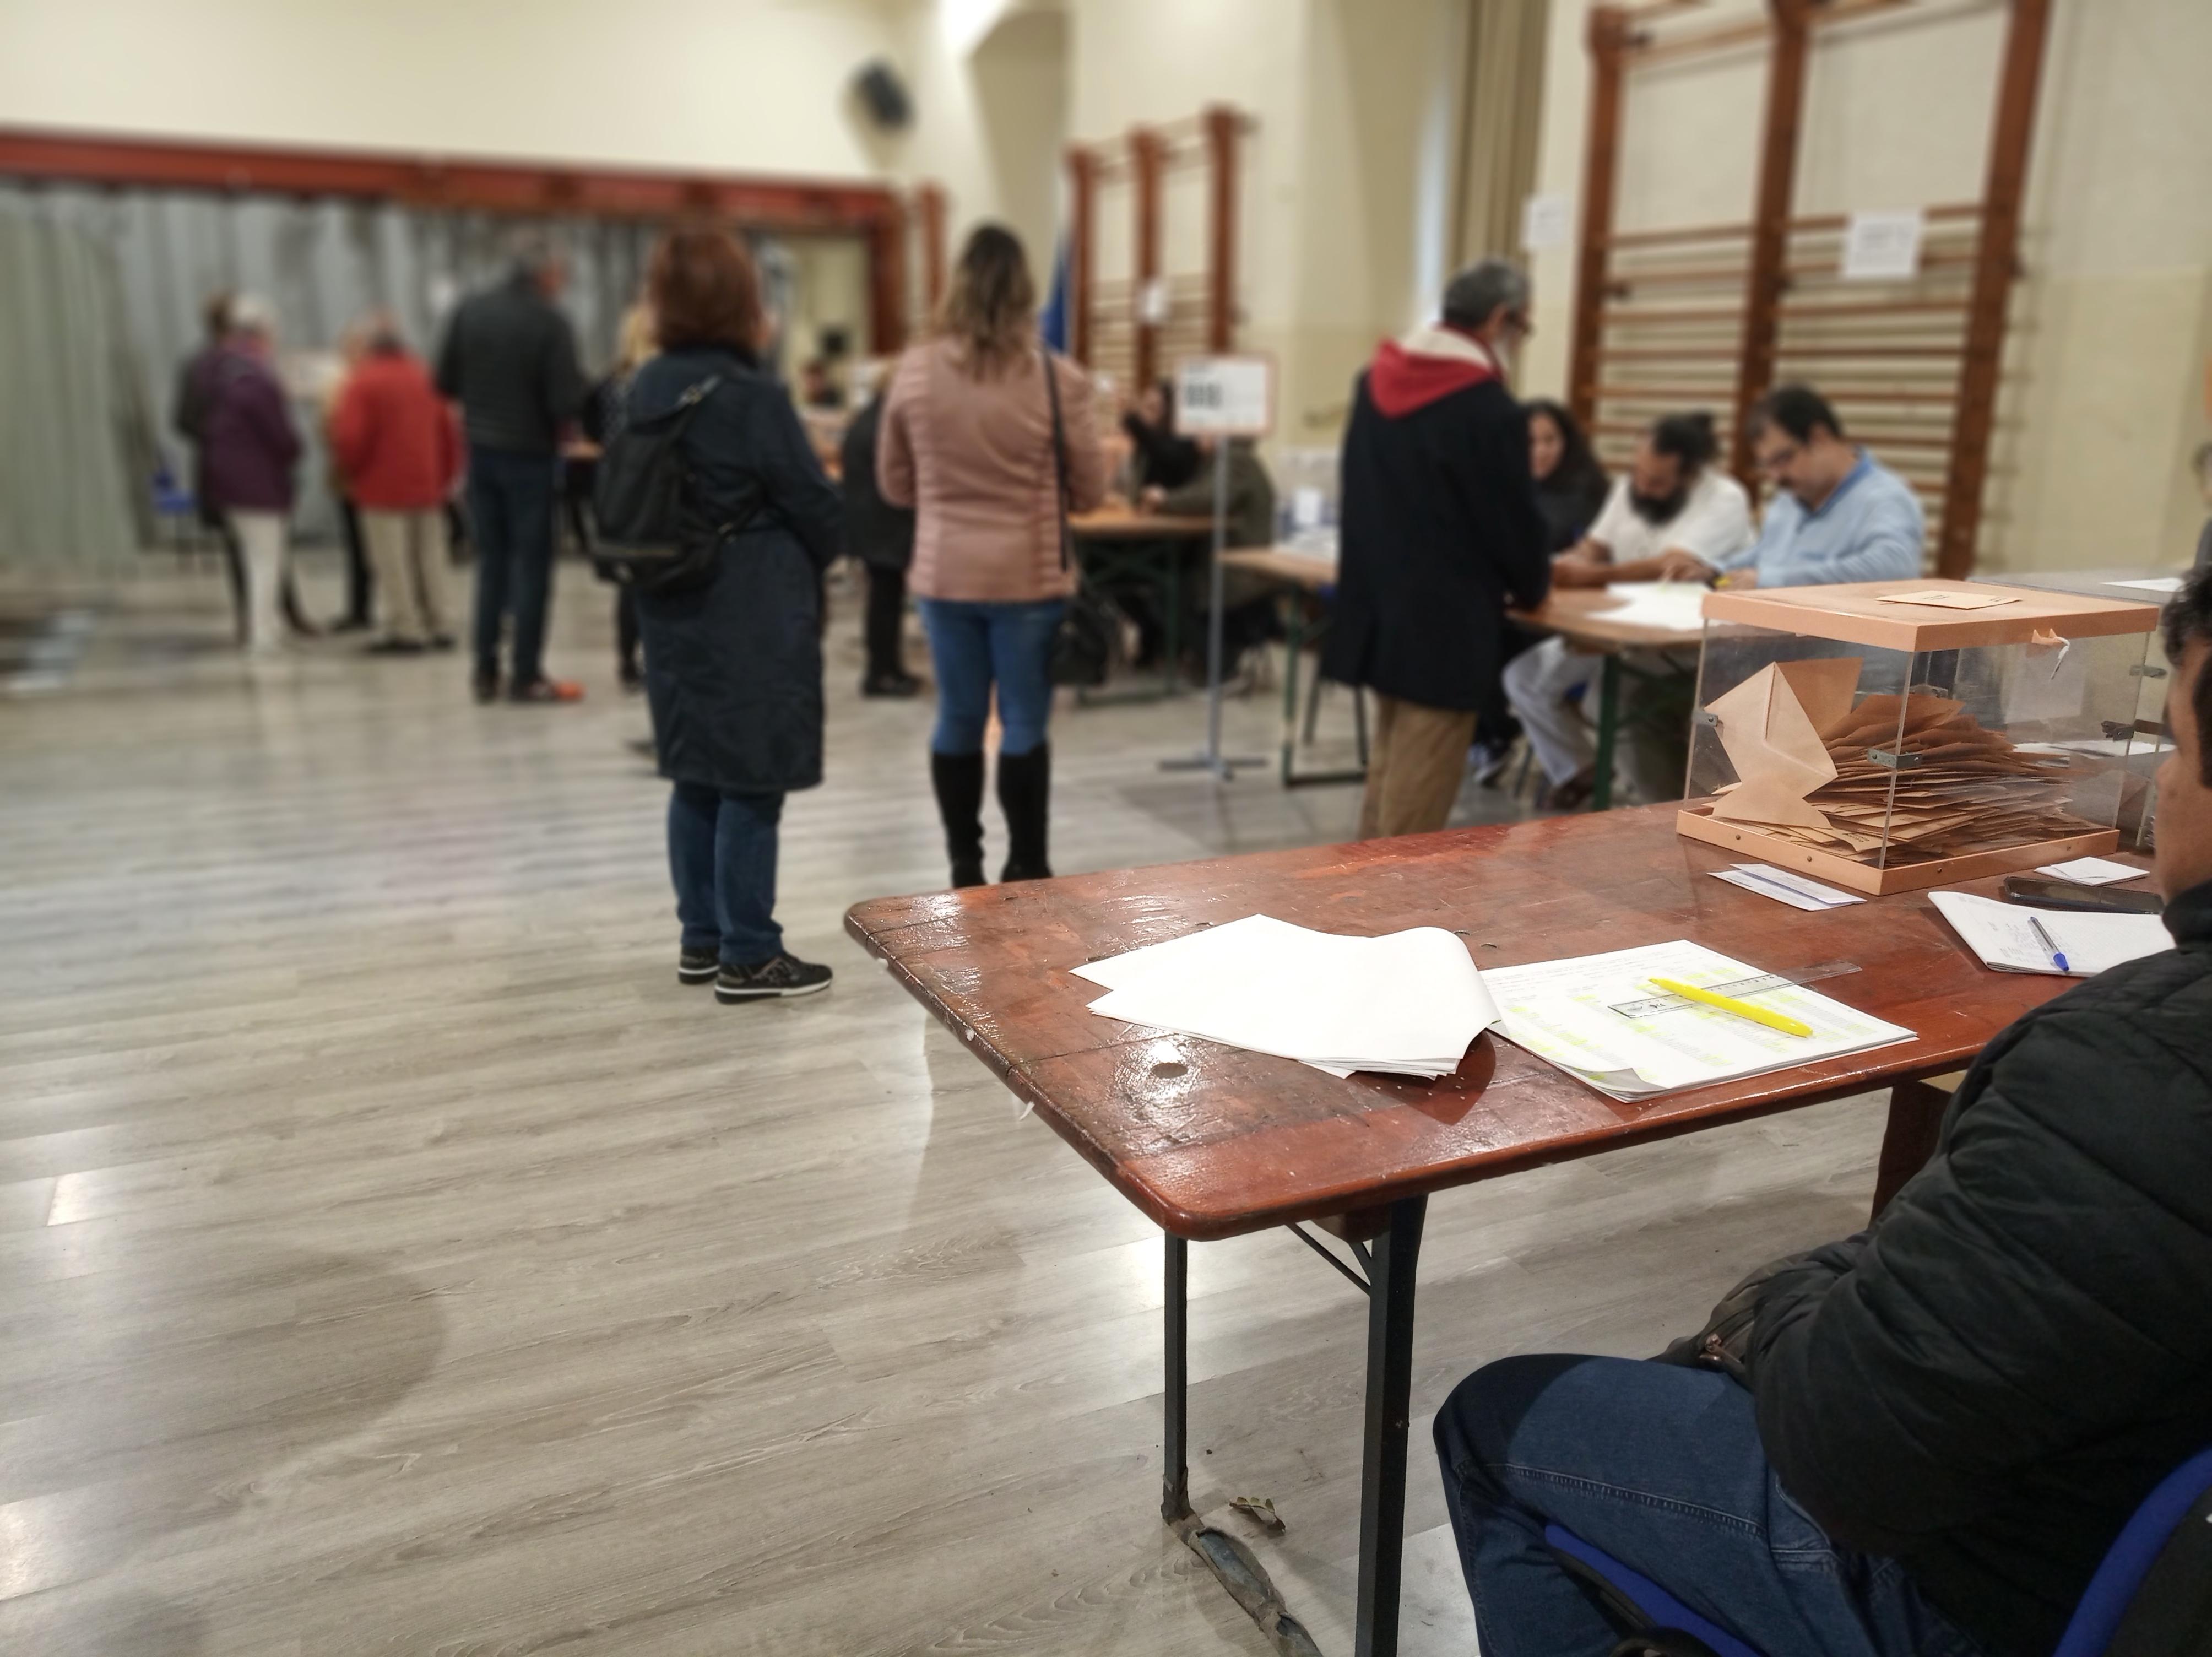 La participació a les Eleccions Generals del 10 de novembre de 2019 a Reus a les 20:00h